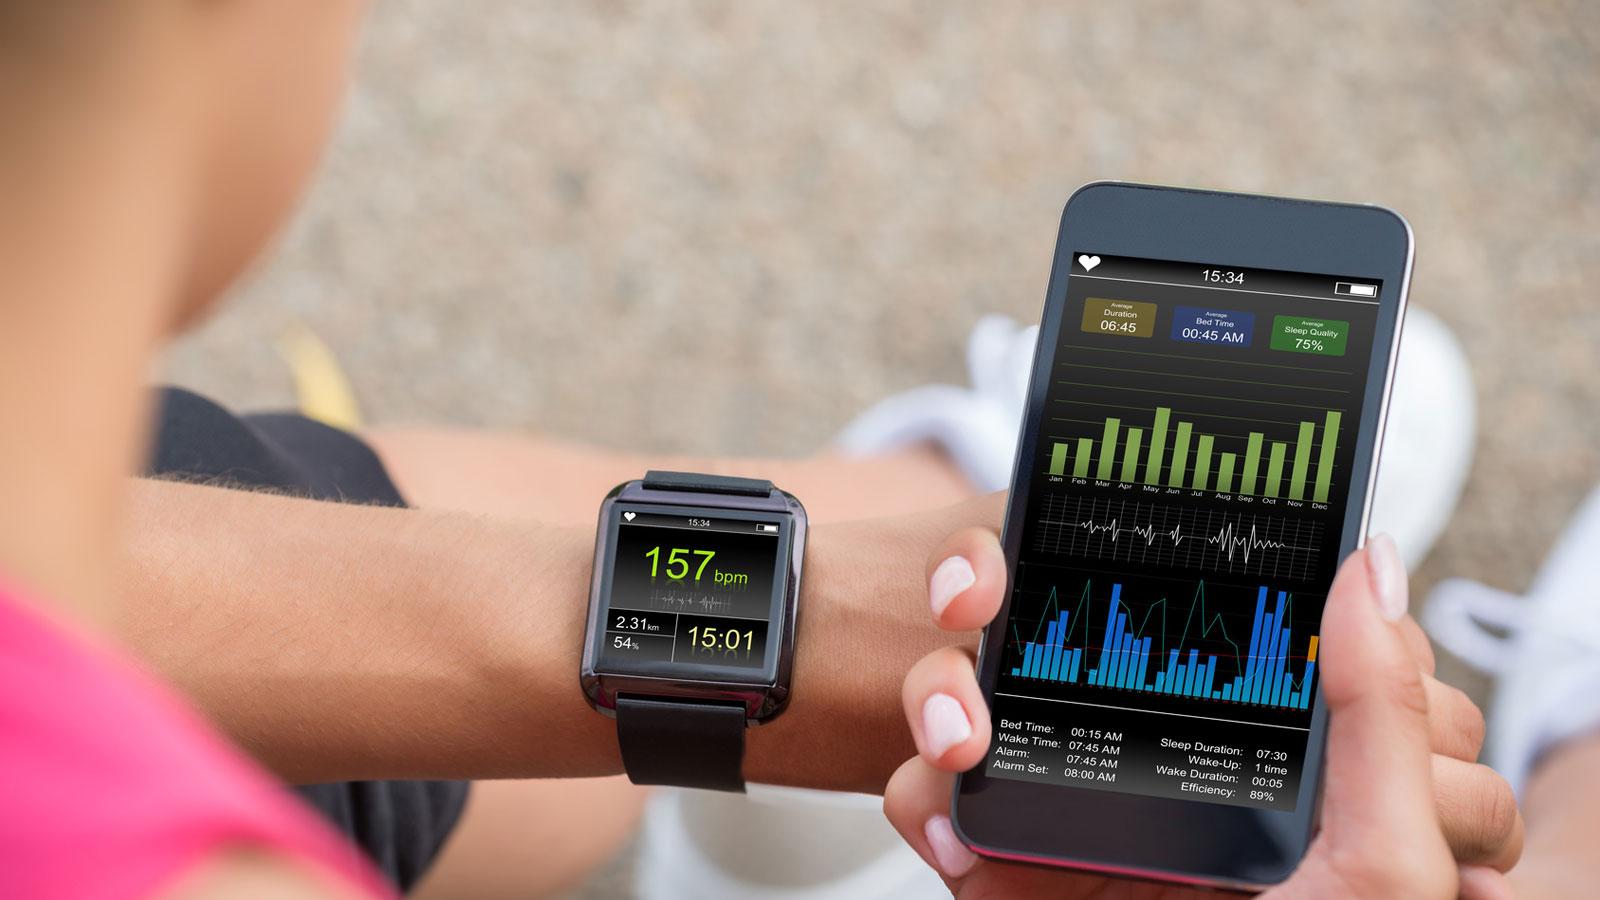 Smartwatch als Ergänzung zum Smartphone